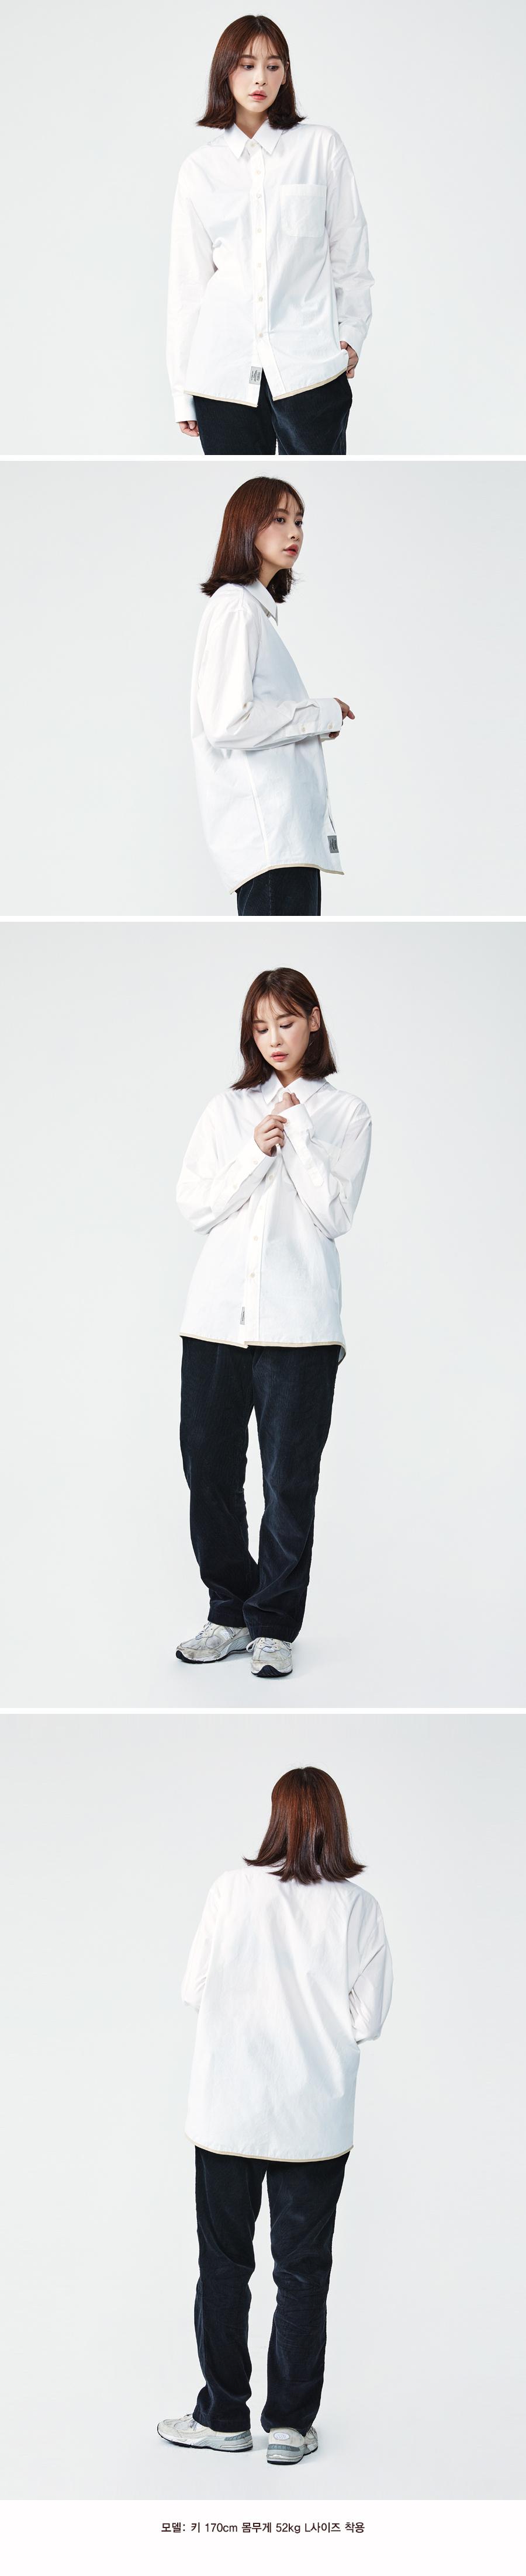 더스토리(THESTORI) 18FW 파이핑 셔츠 (화이트)